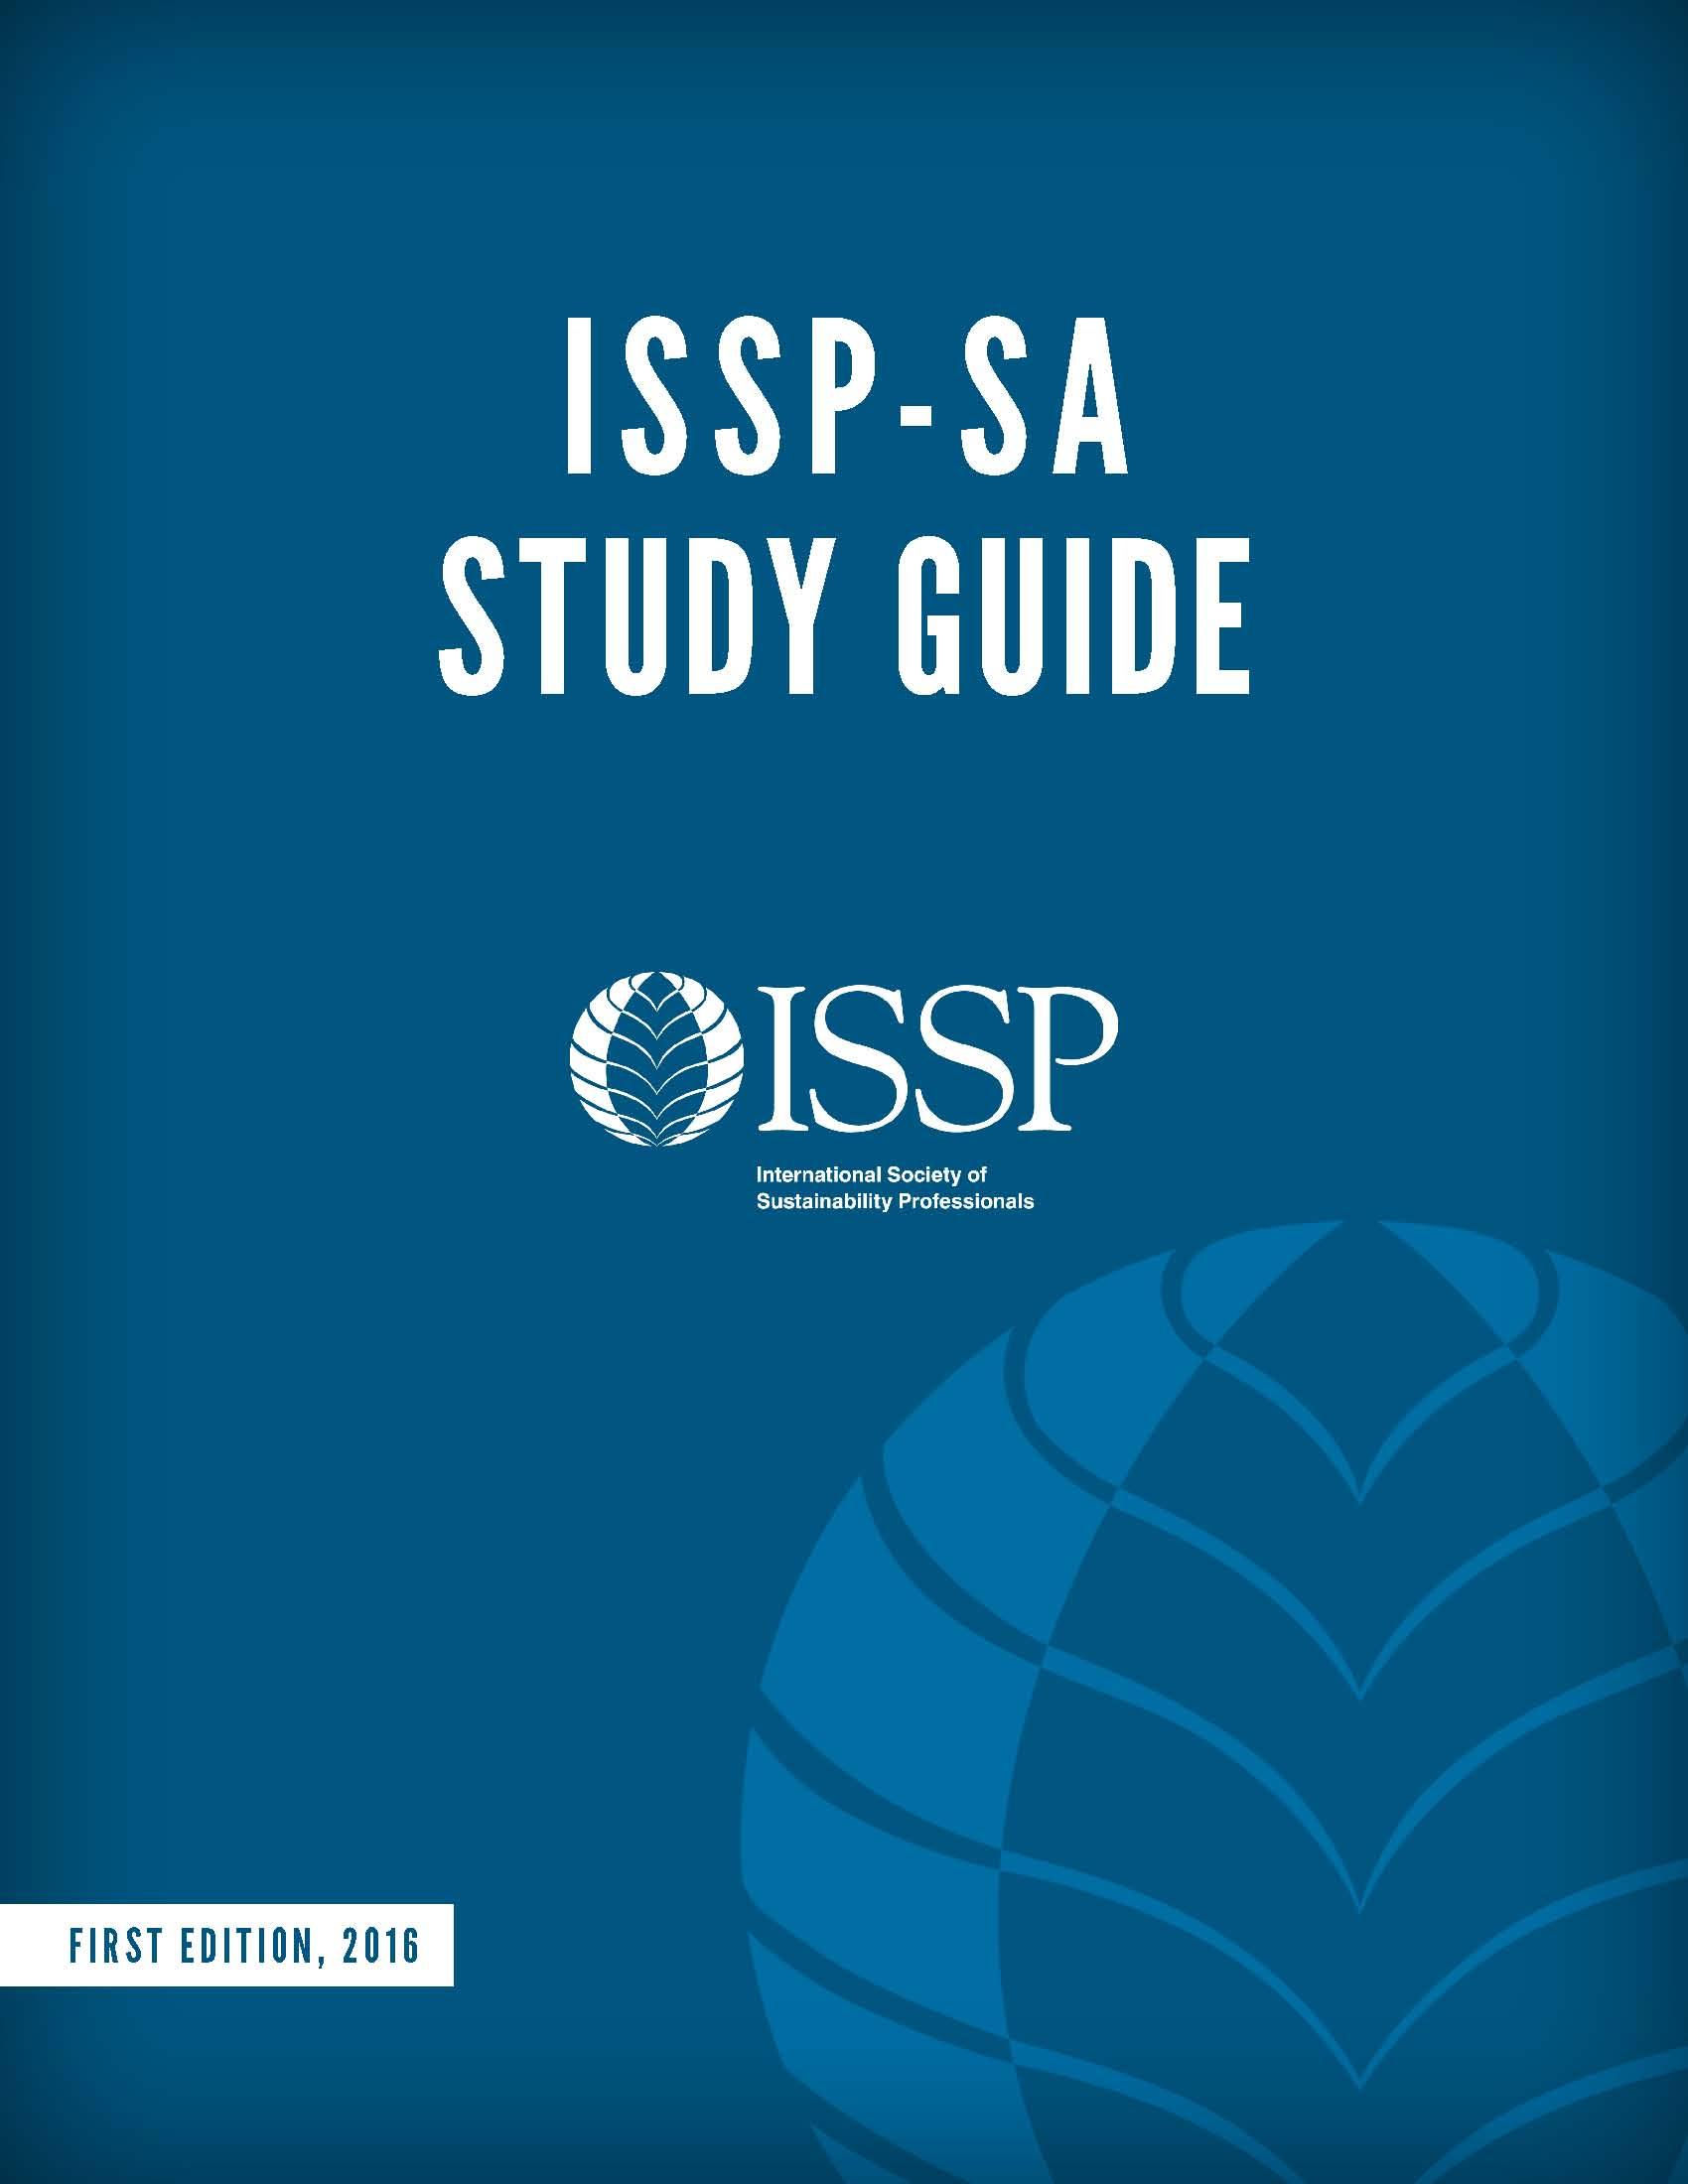 #33 ISSP-SA Study Guide.jpg